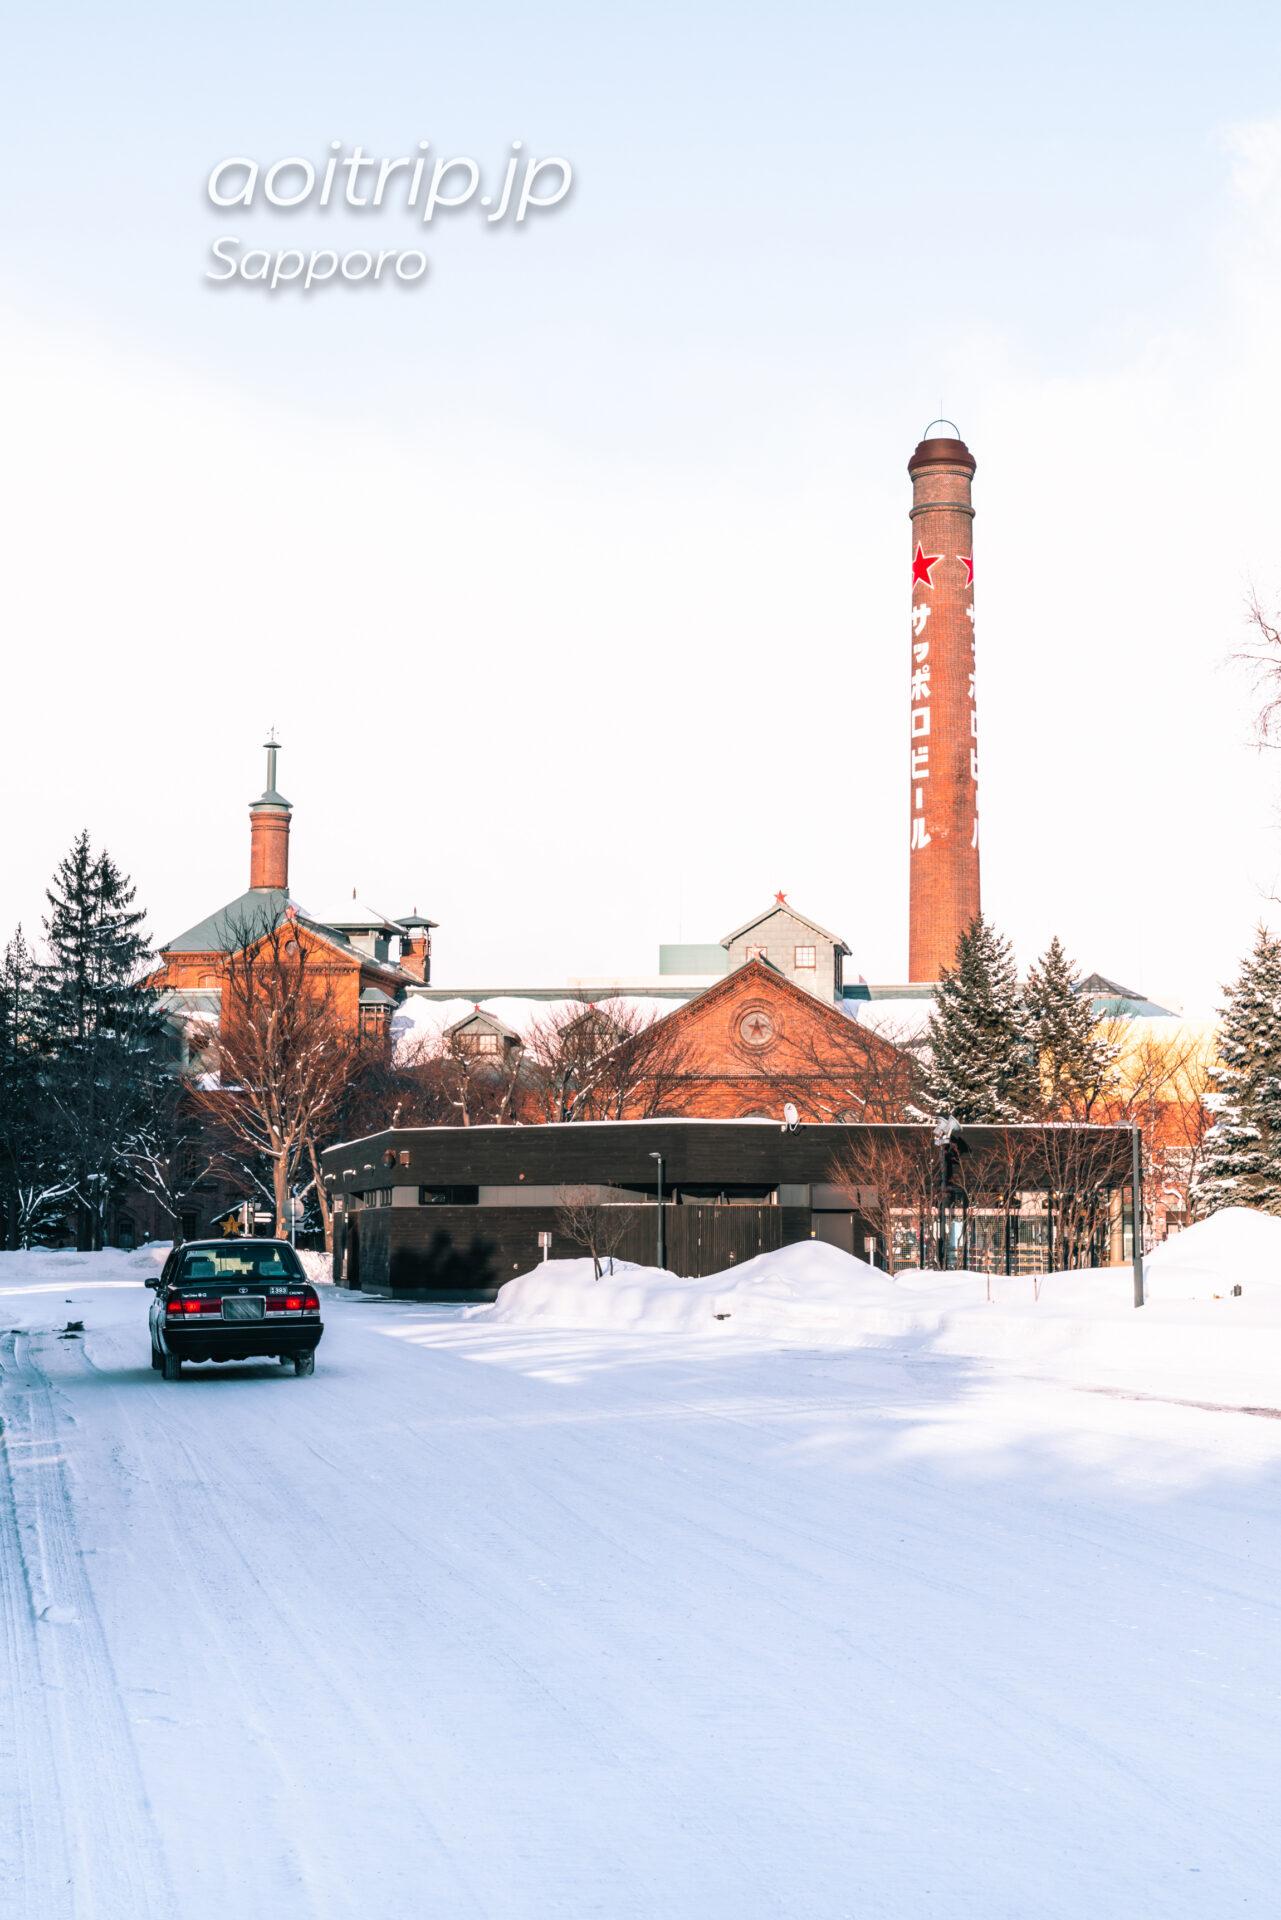 雪が積もる冬のサッポロビール博物館